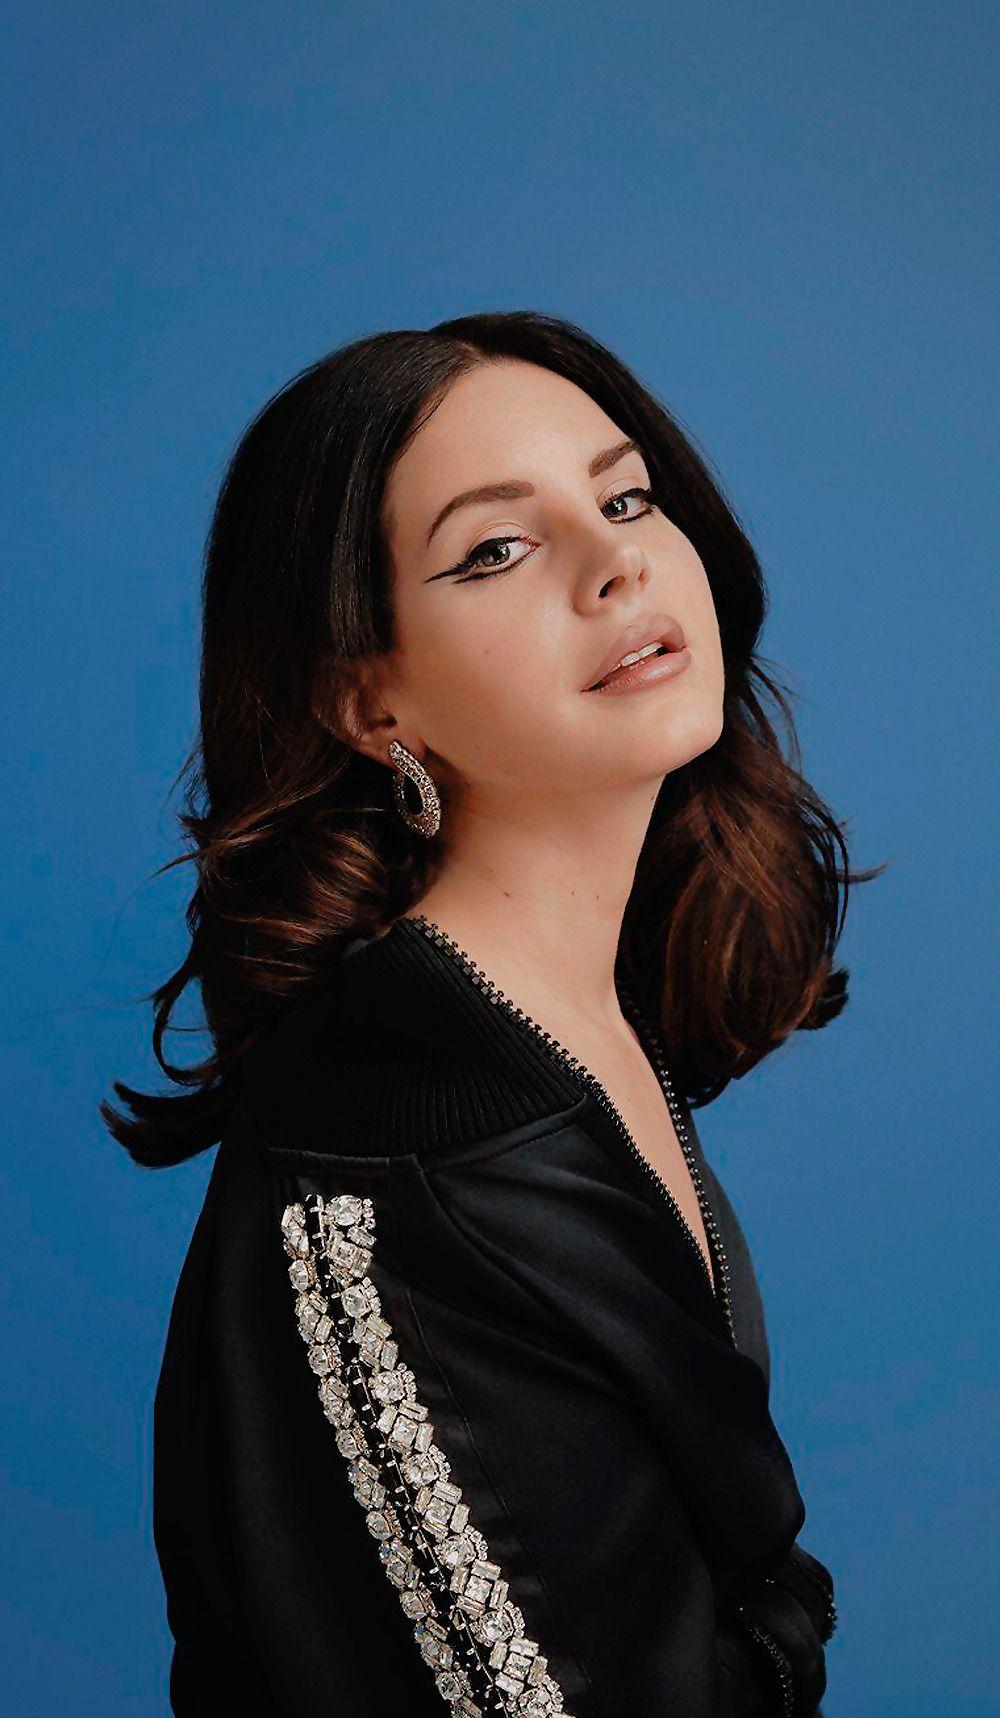 Lana Del Rey Nude Photos 7